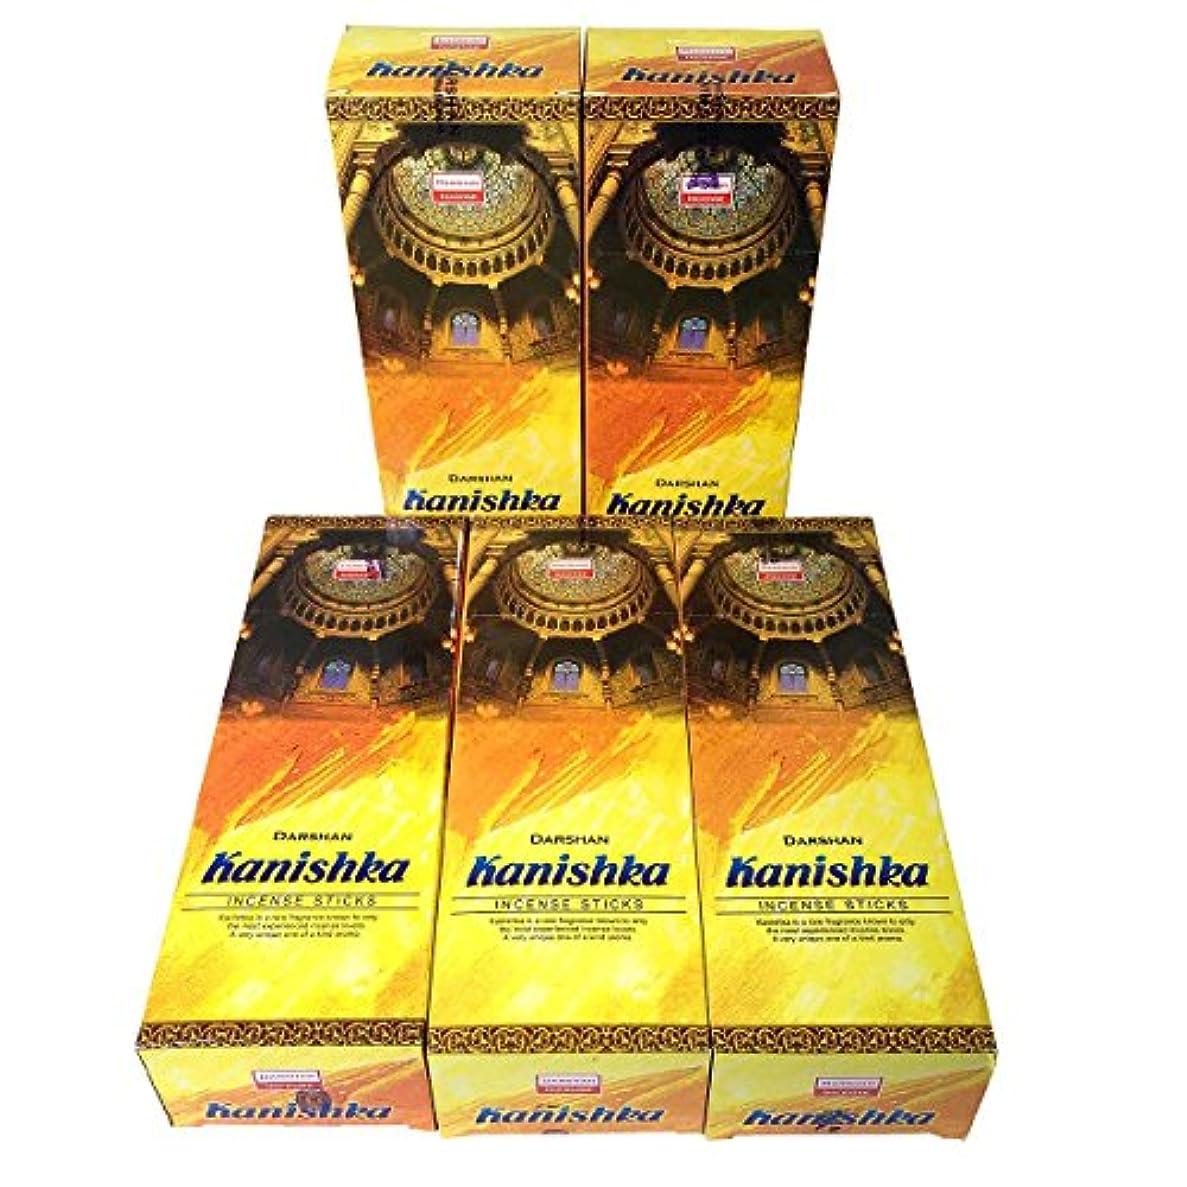 ポケット脊椎ずんぐりしたカニシュカ香スティック 5BOX(30箱)/DARSHAN KANISHKA/ インド香 / 送料無料 [並行輸入品]